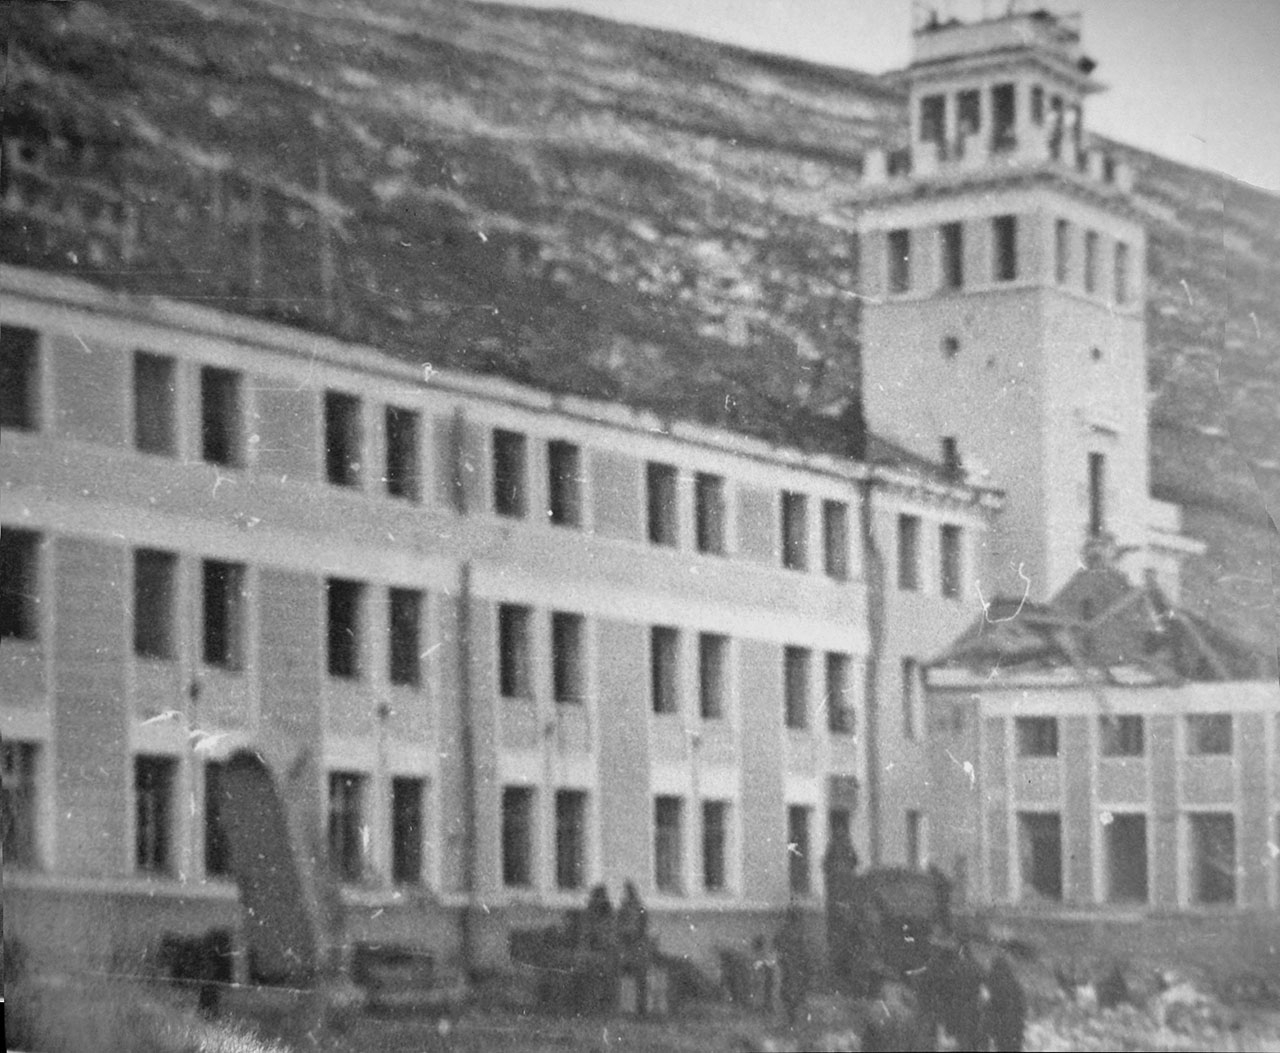 Управление пароходства. Магаданский торговый порт. Последствия взрывов пароходов 19 декабря 1947 года.